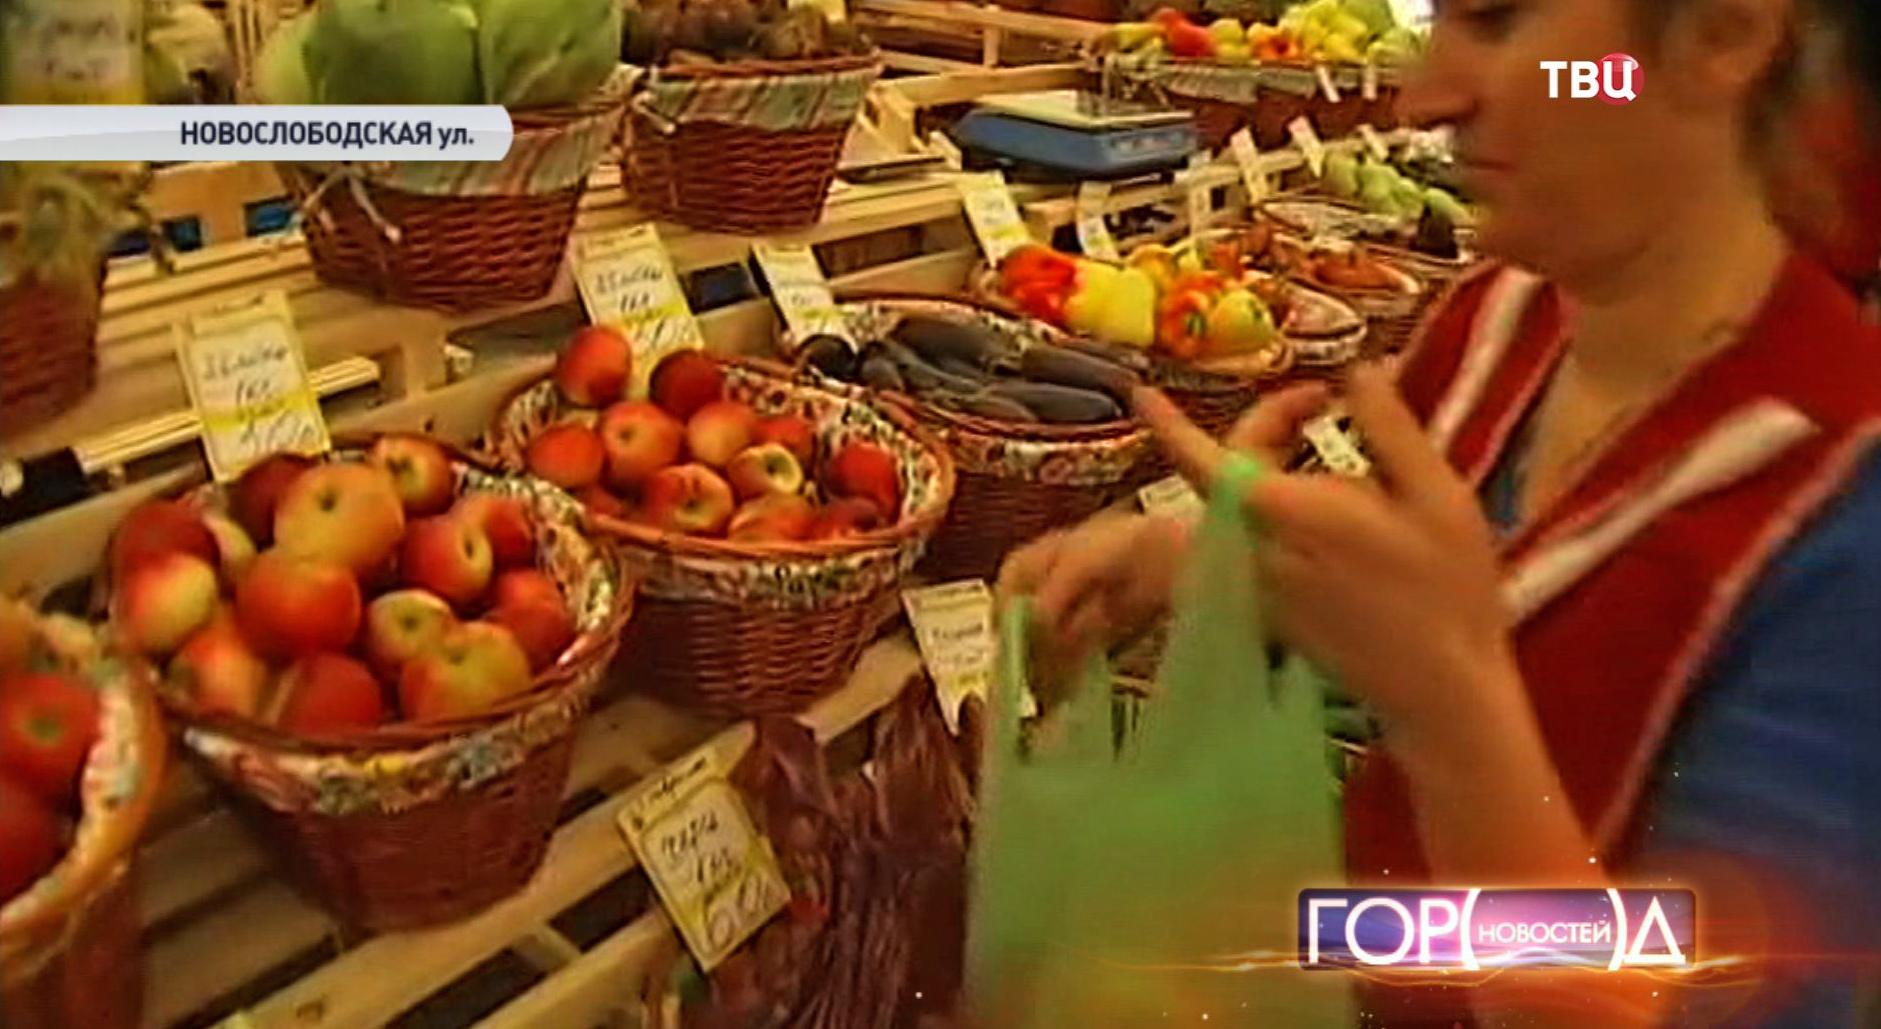 На Новослободской улице открылась ярмарка Тверской области